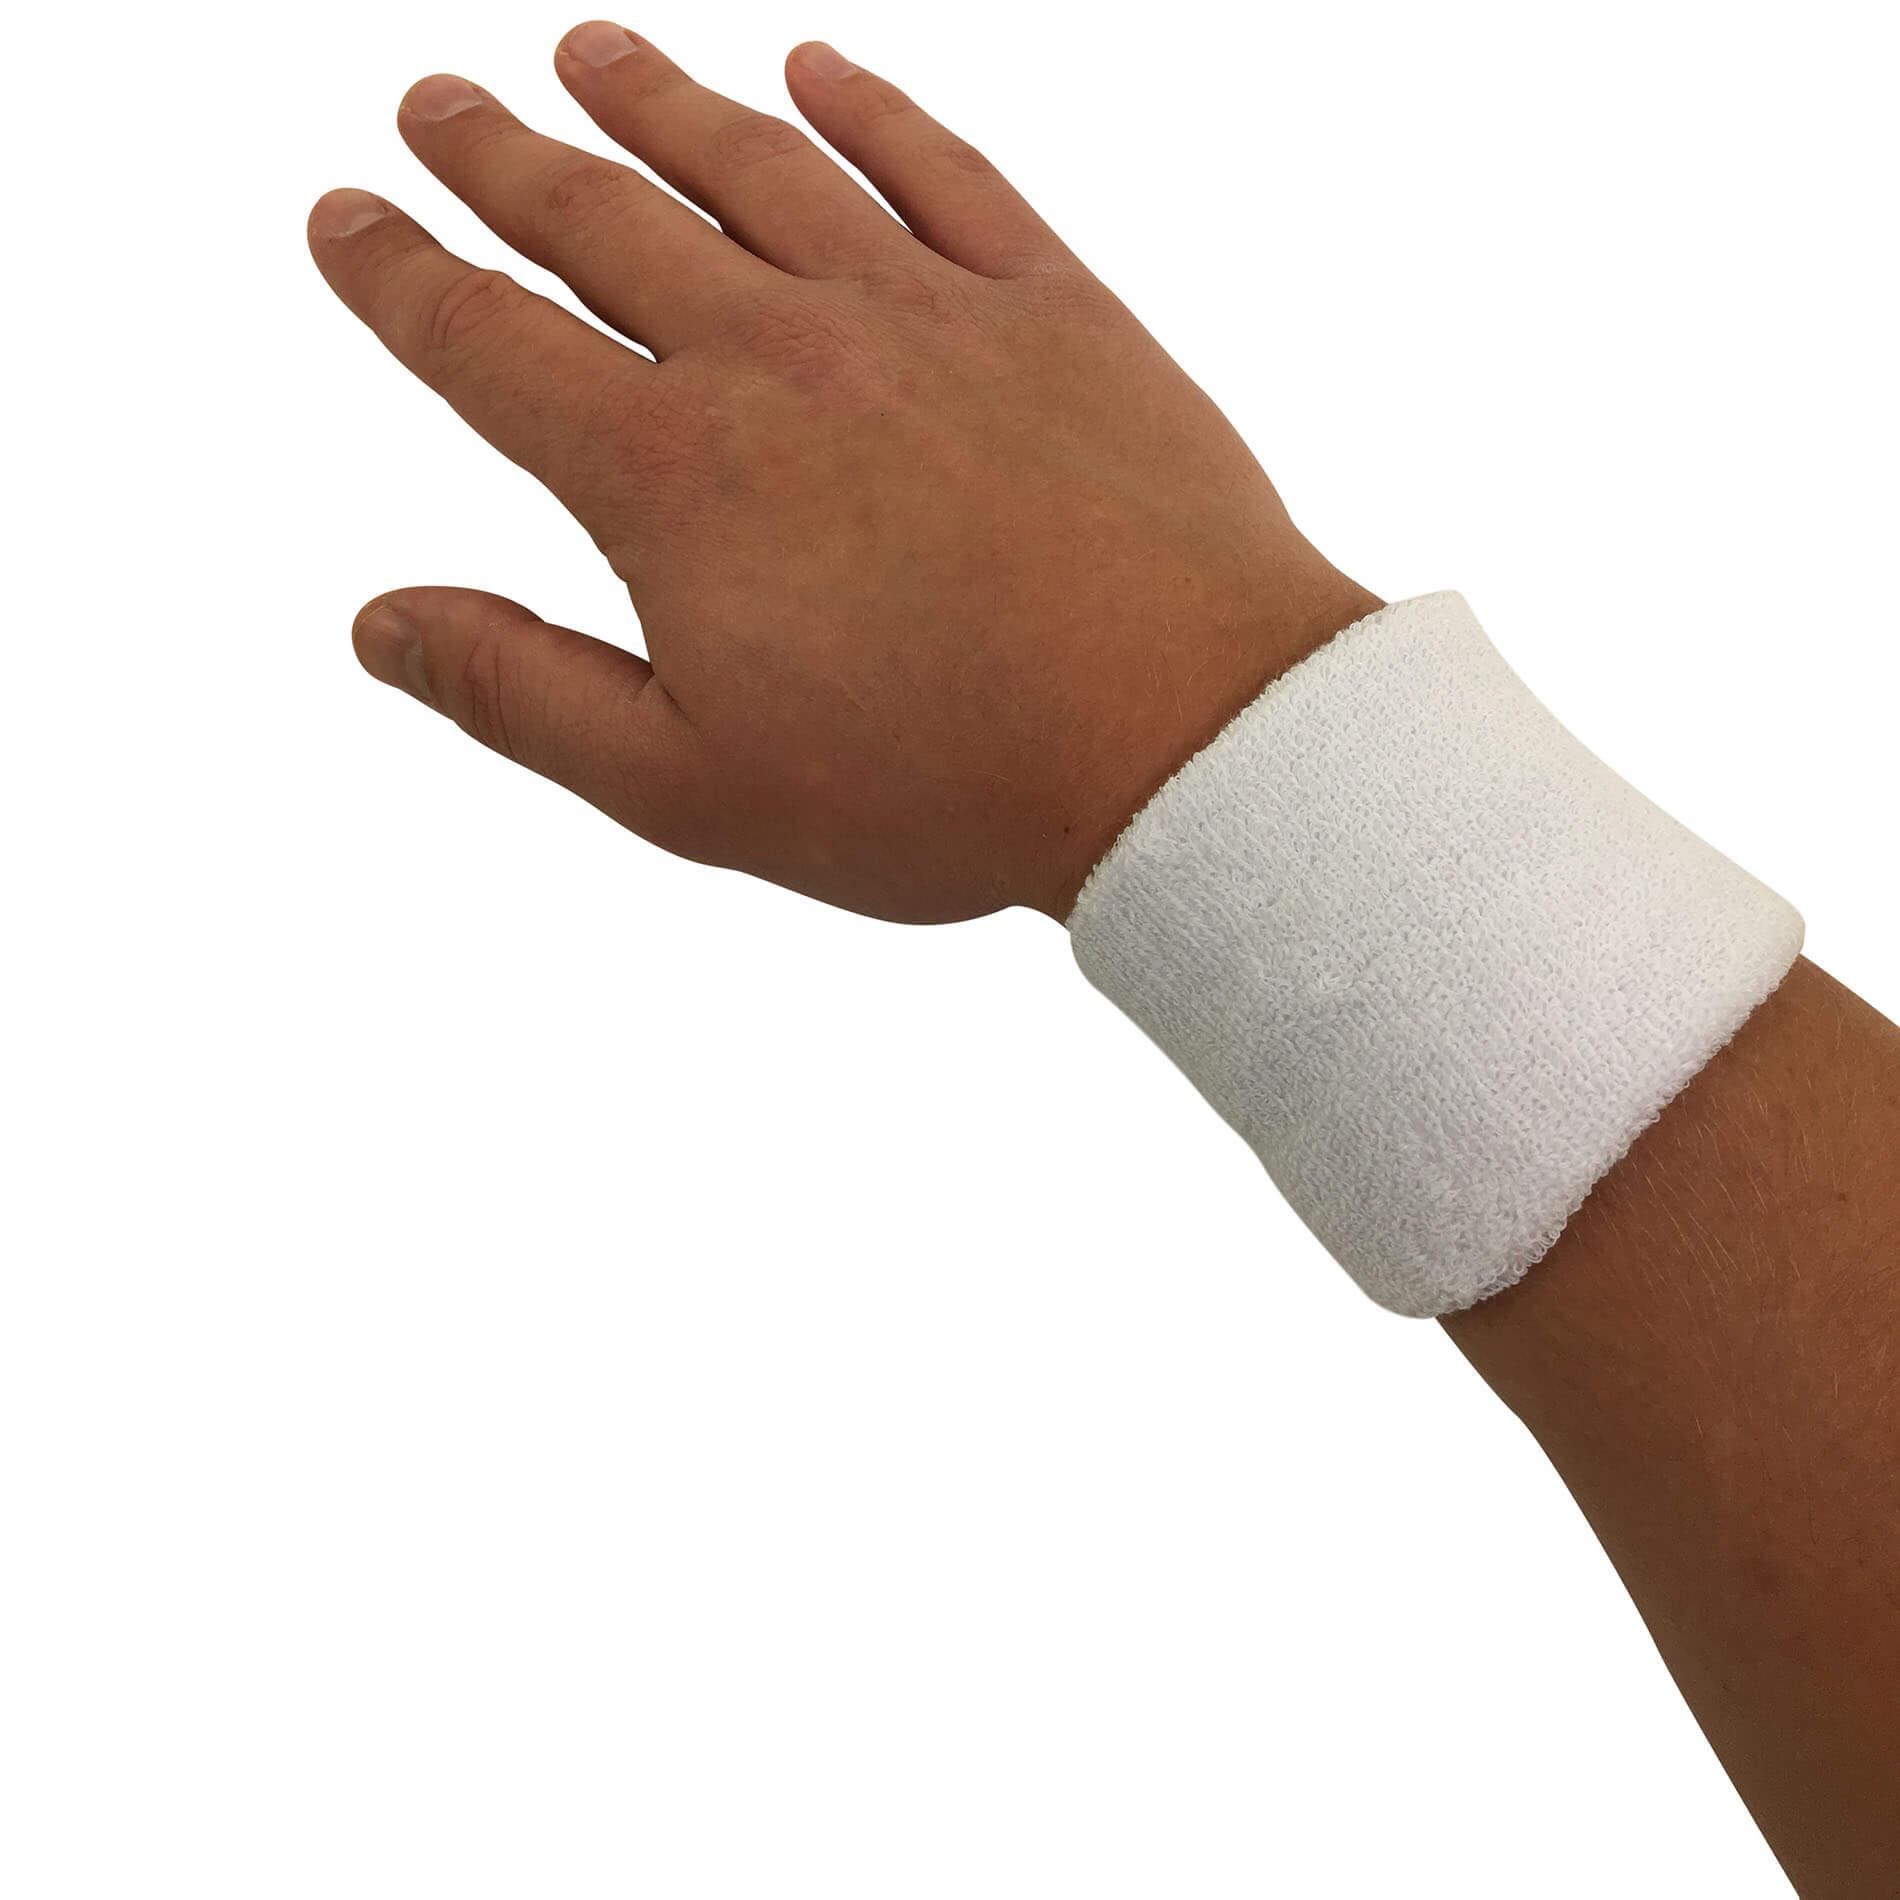 Wristband Set, Pair (White - Black)